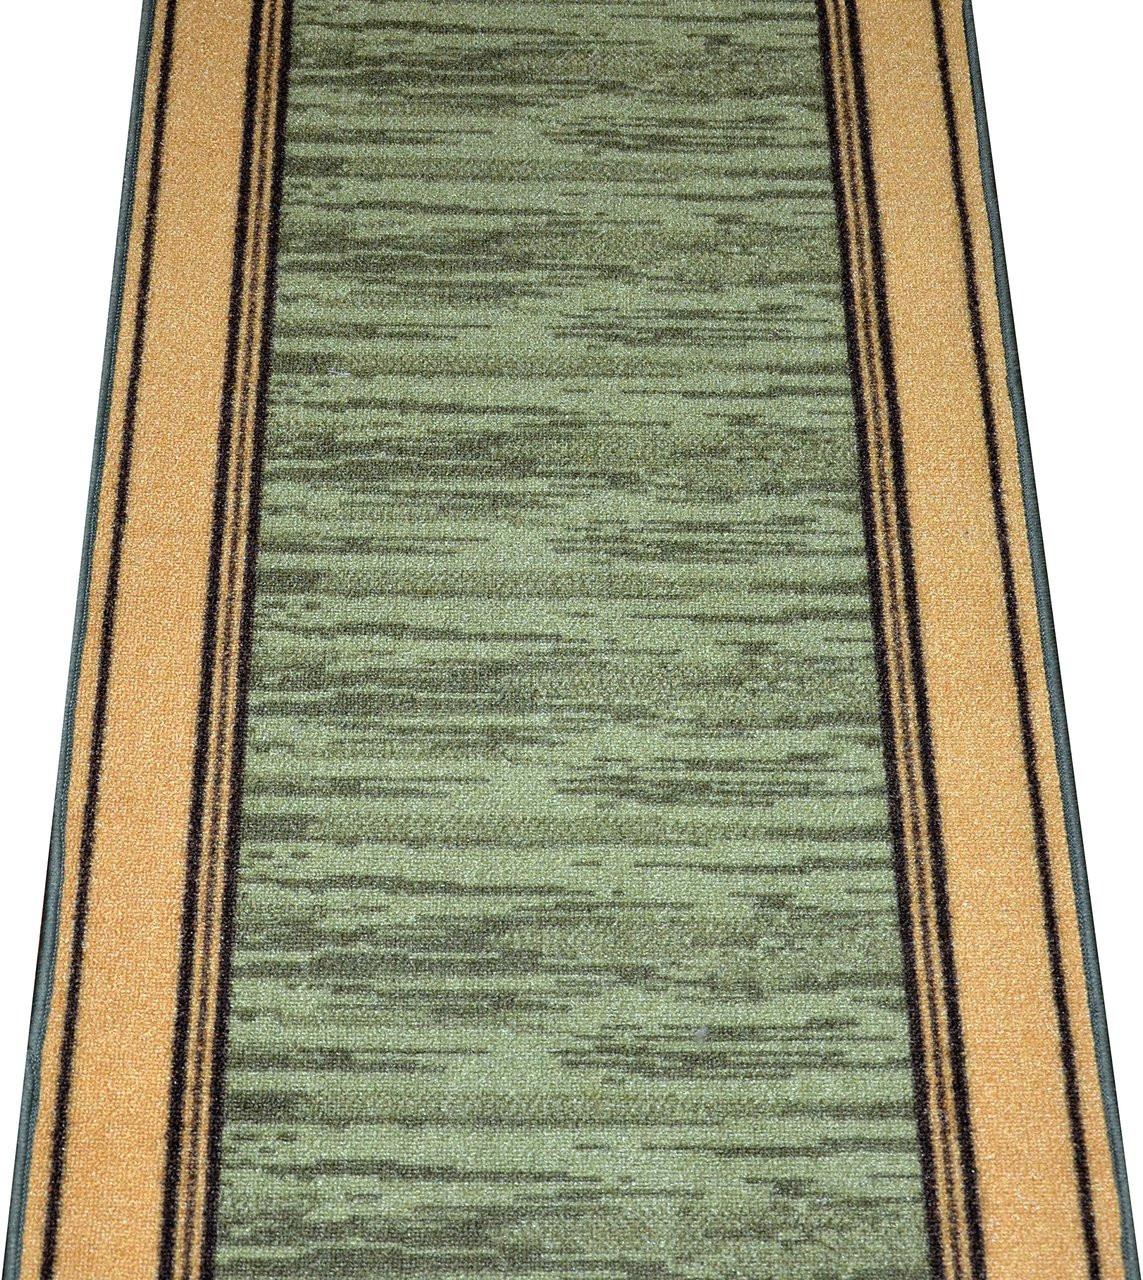 Washable Non Skid Carpet Rug Runner Boxer Green 5